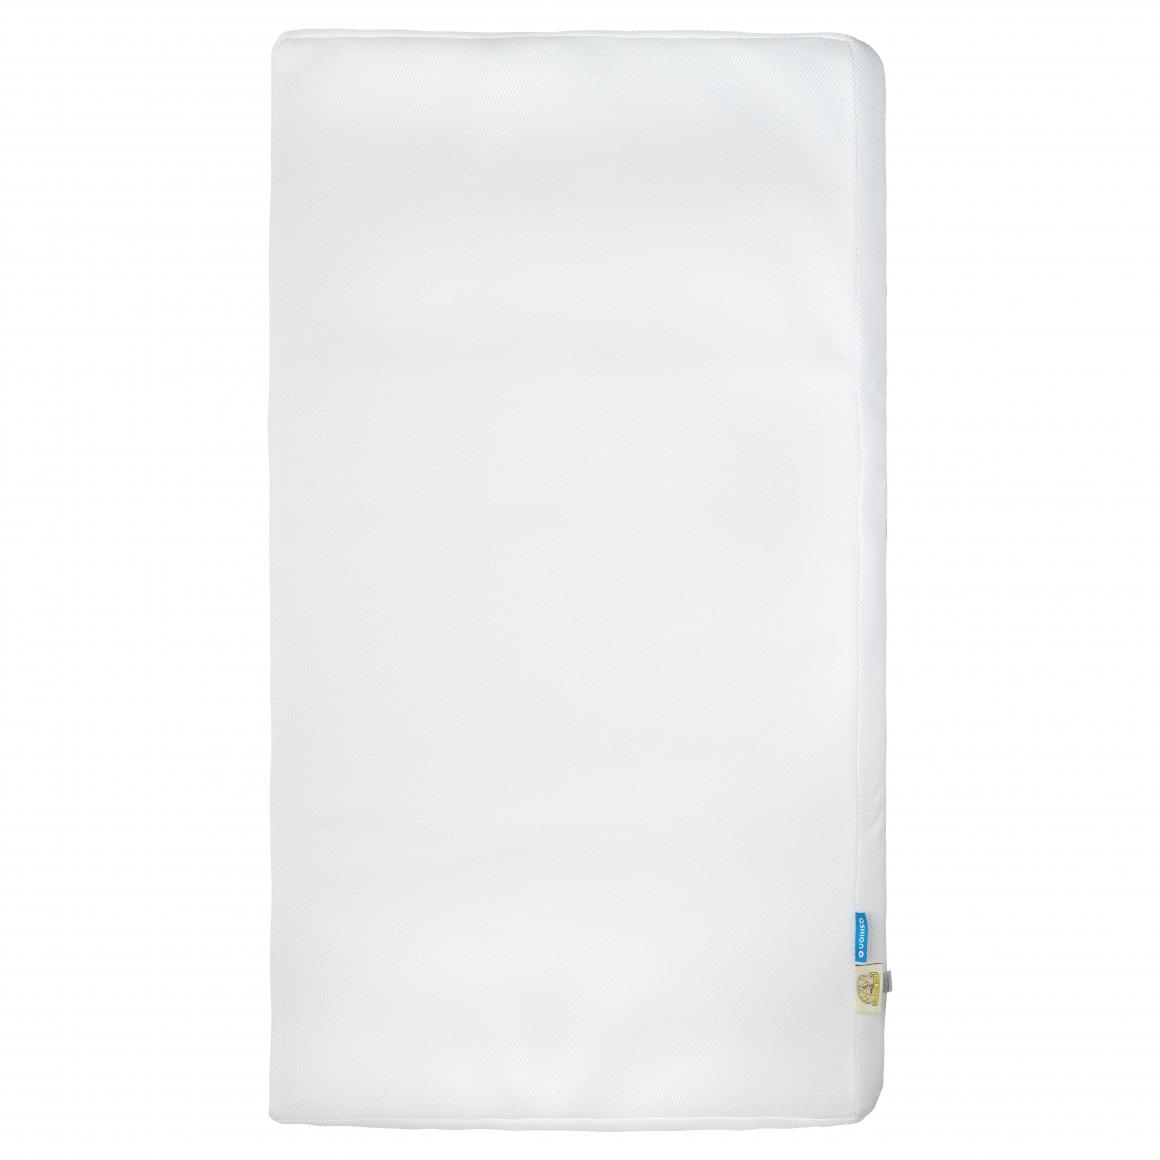 301-4008 Q絲床墊(中層布套)